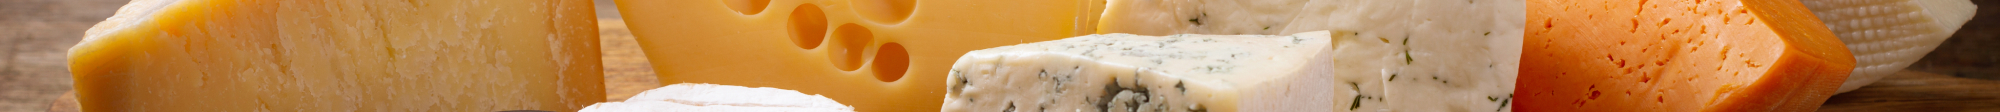 Comprar  quesos Portugal gourmet online | Mixtura Gourmet